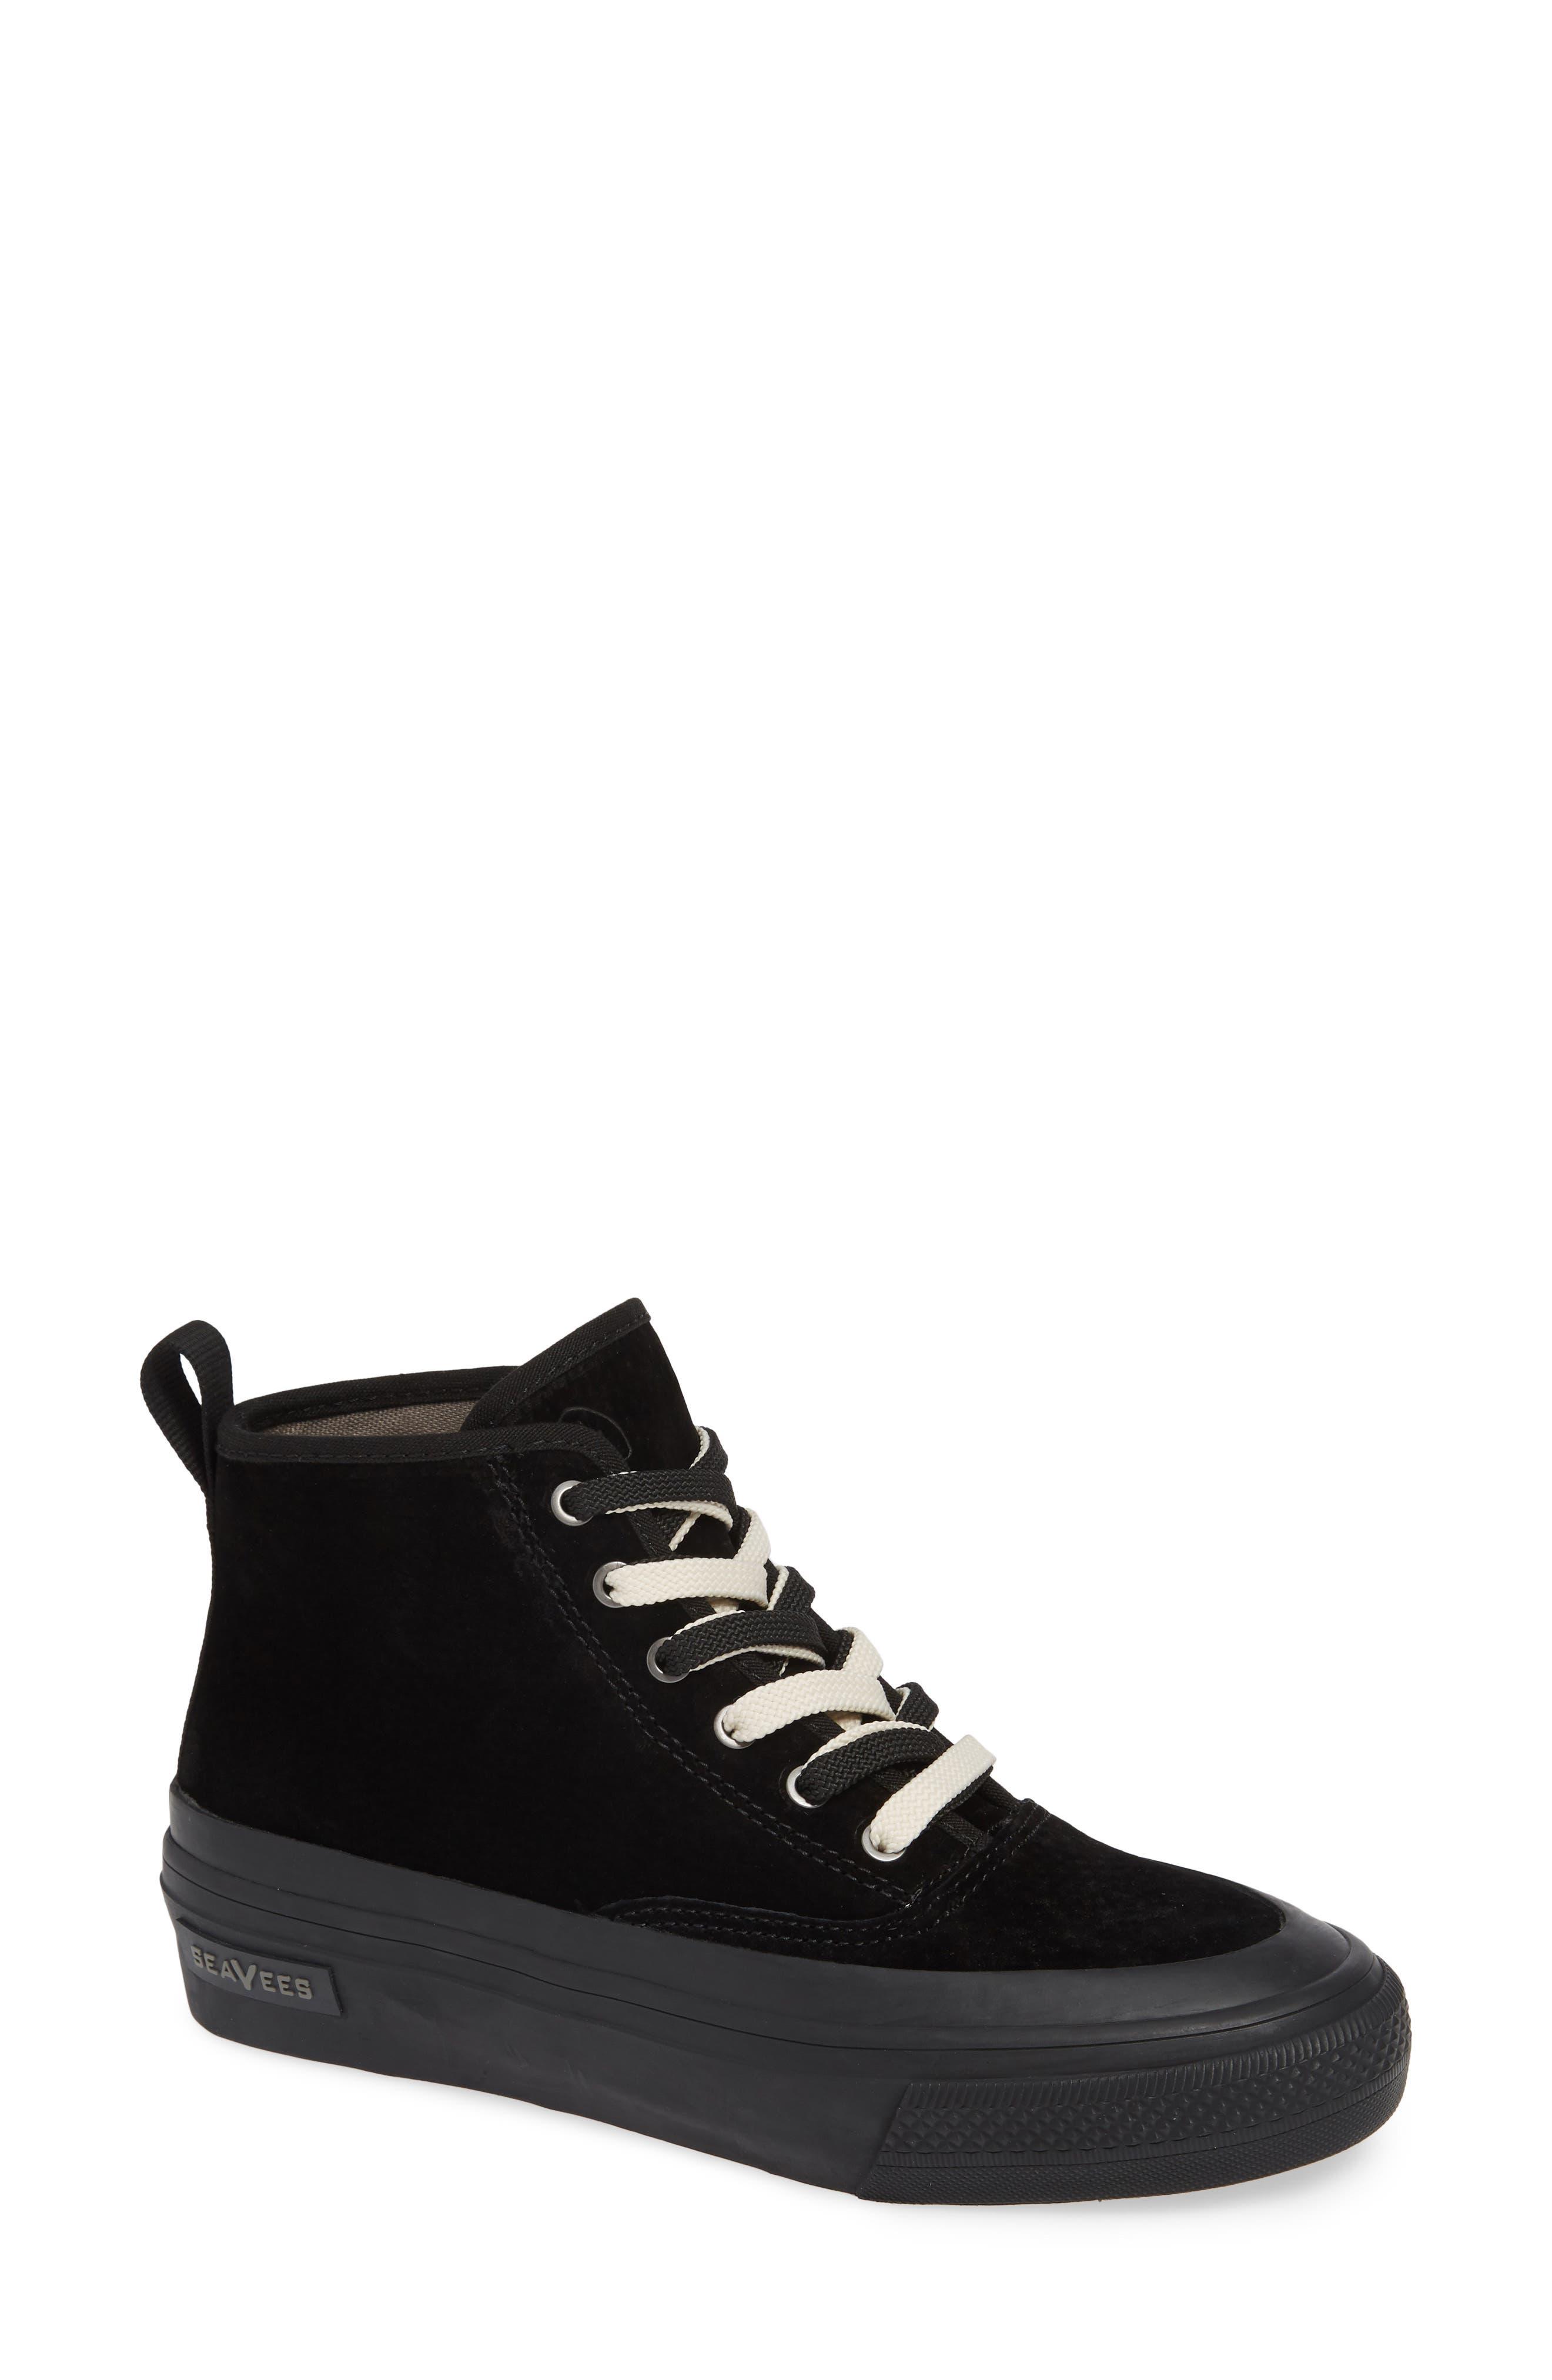 SEAVEES Mariners Waterproof Sneaker in Black